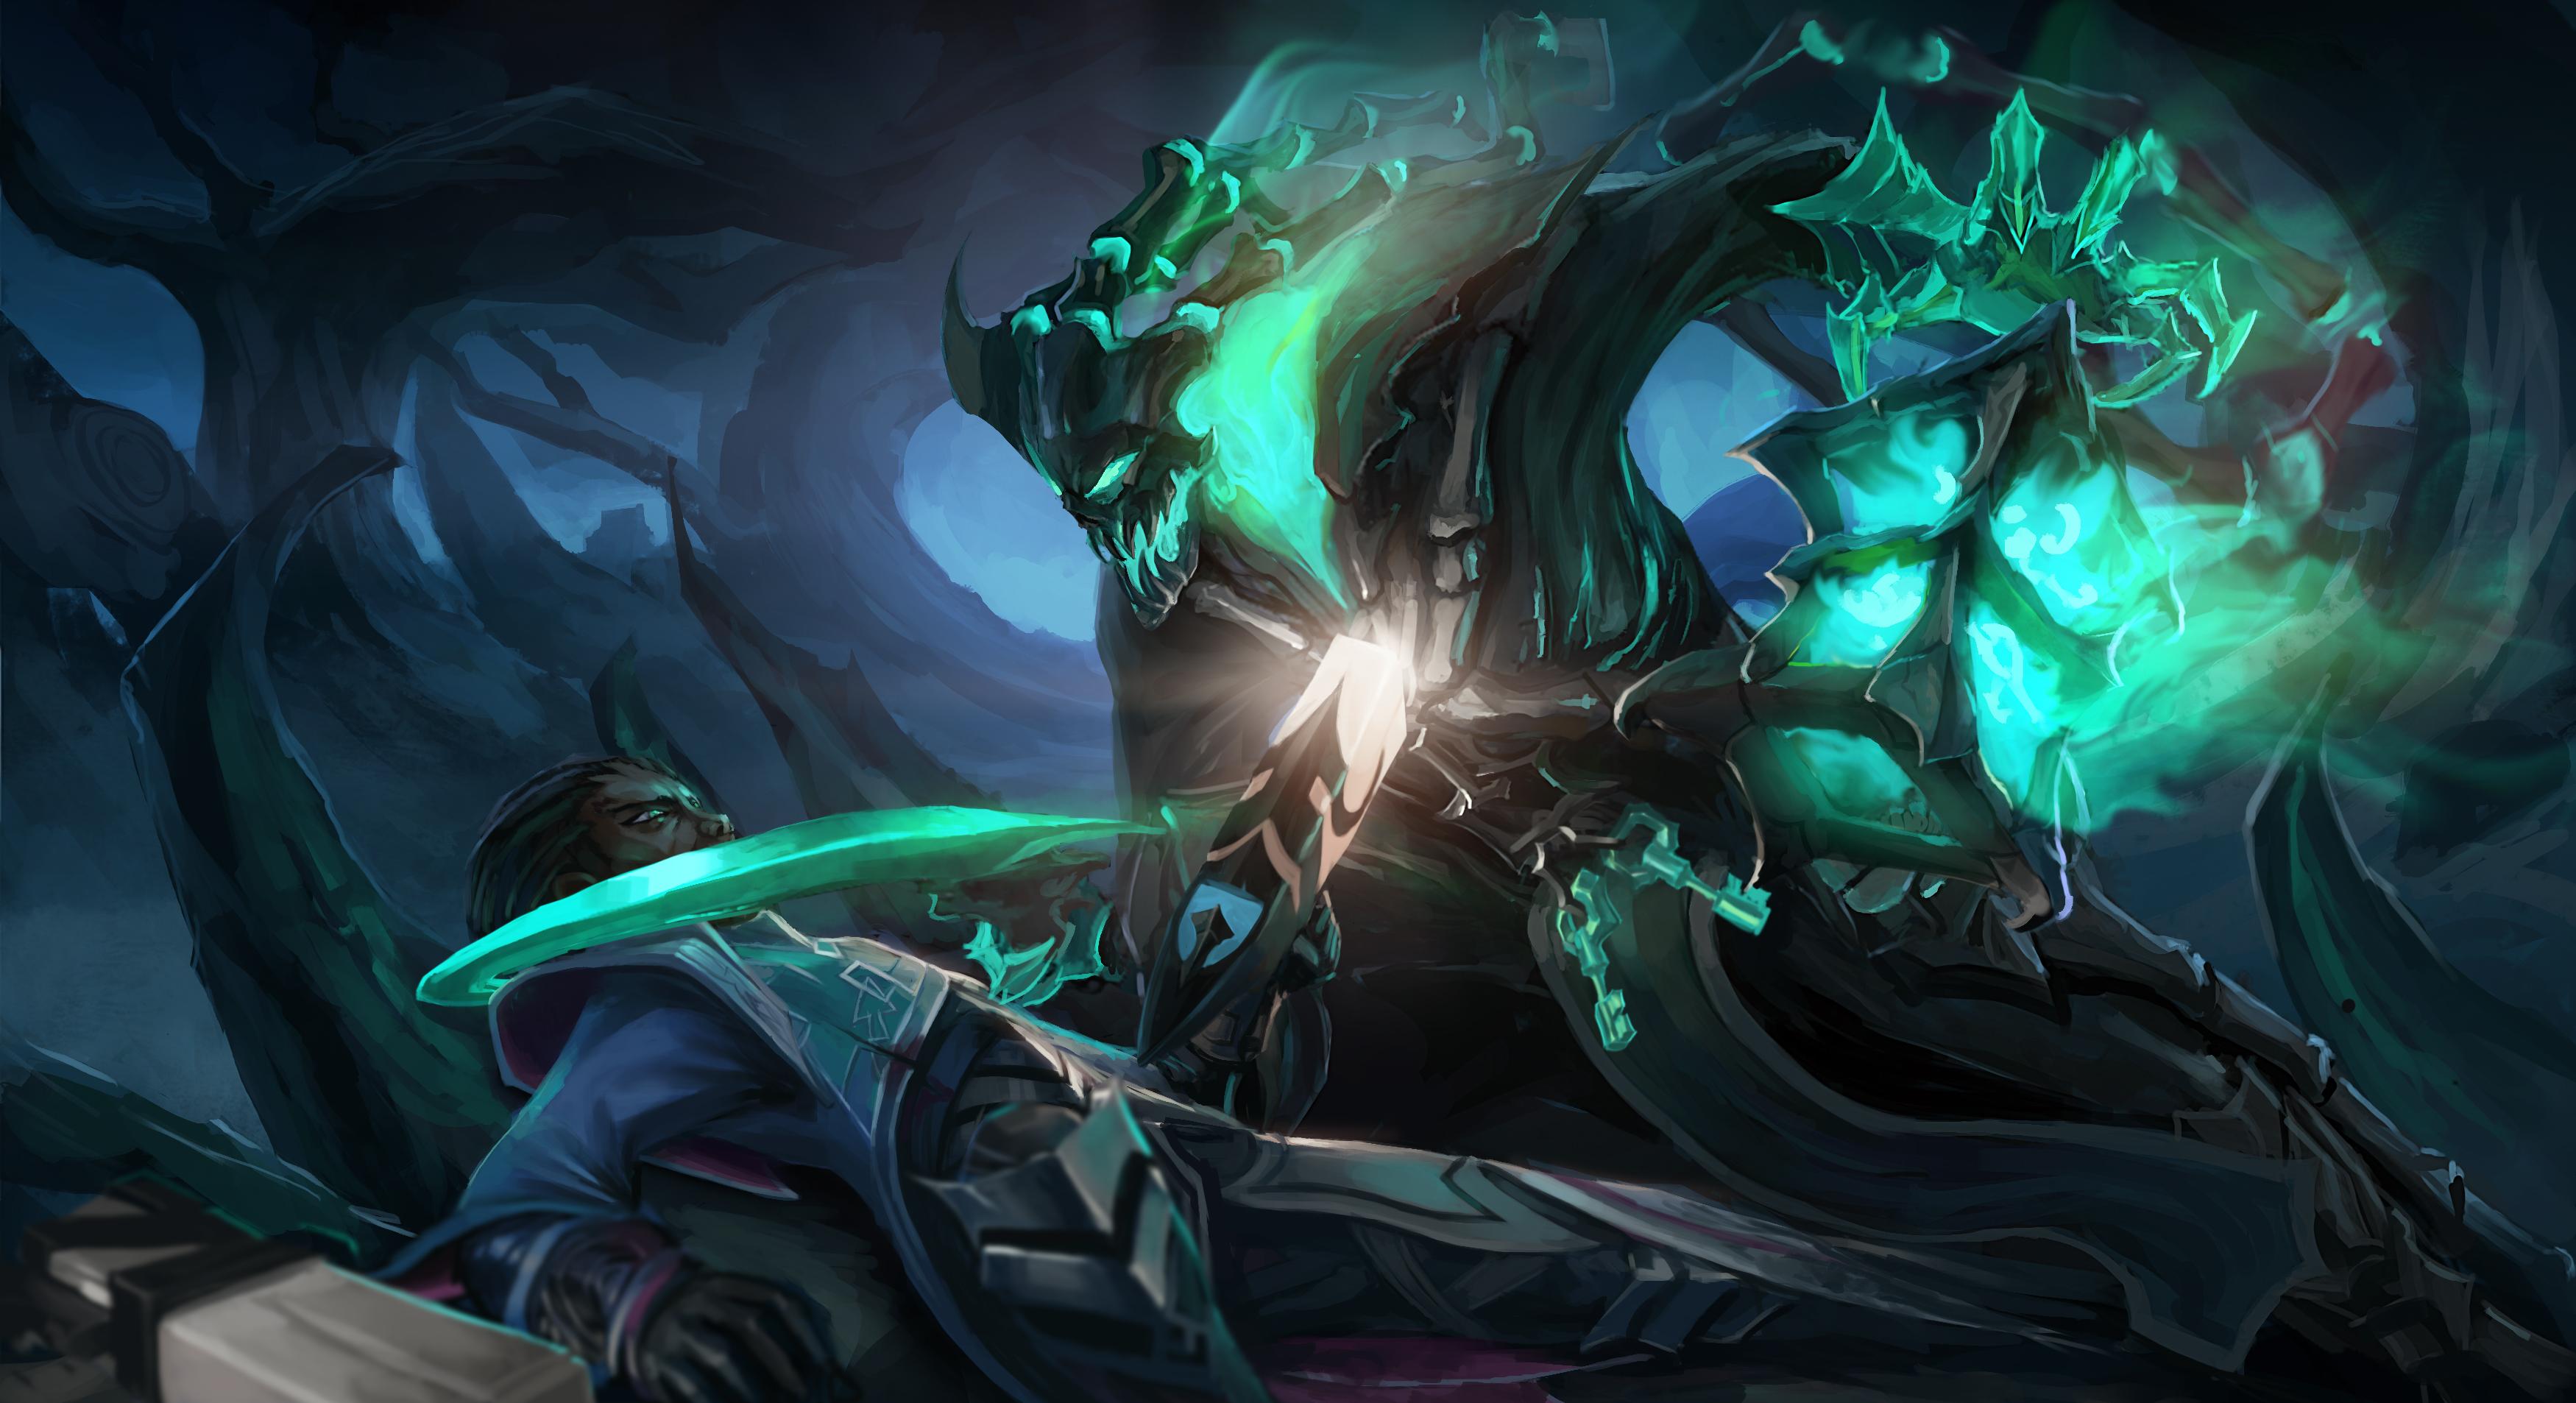 Thresh Vs Lucian Fan Art - League of Legends Wallpapers